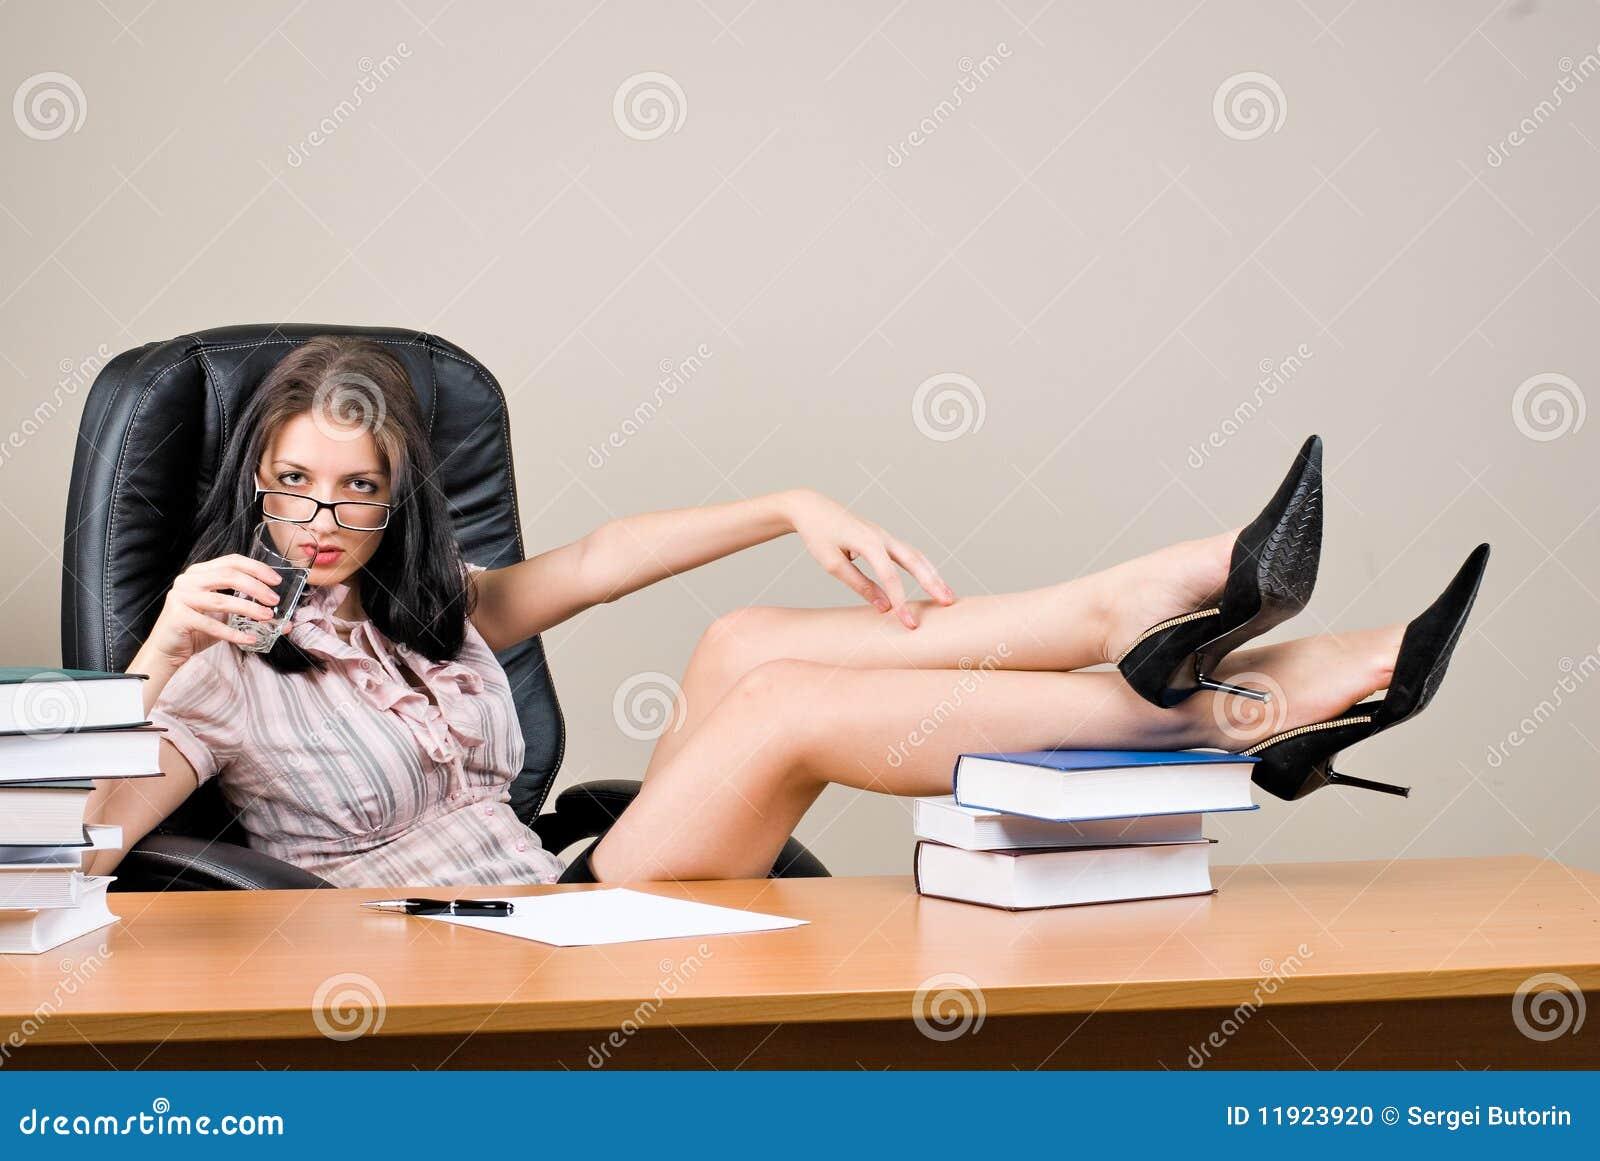 Секретарши и их боссы рассказы 7 фотография